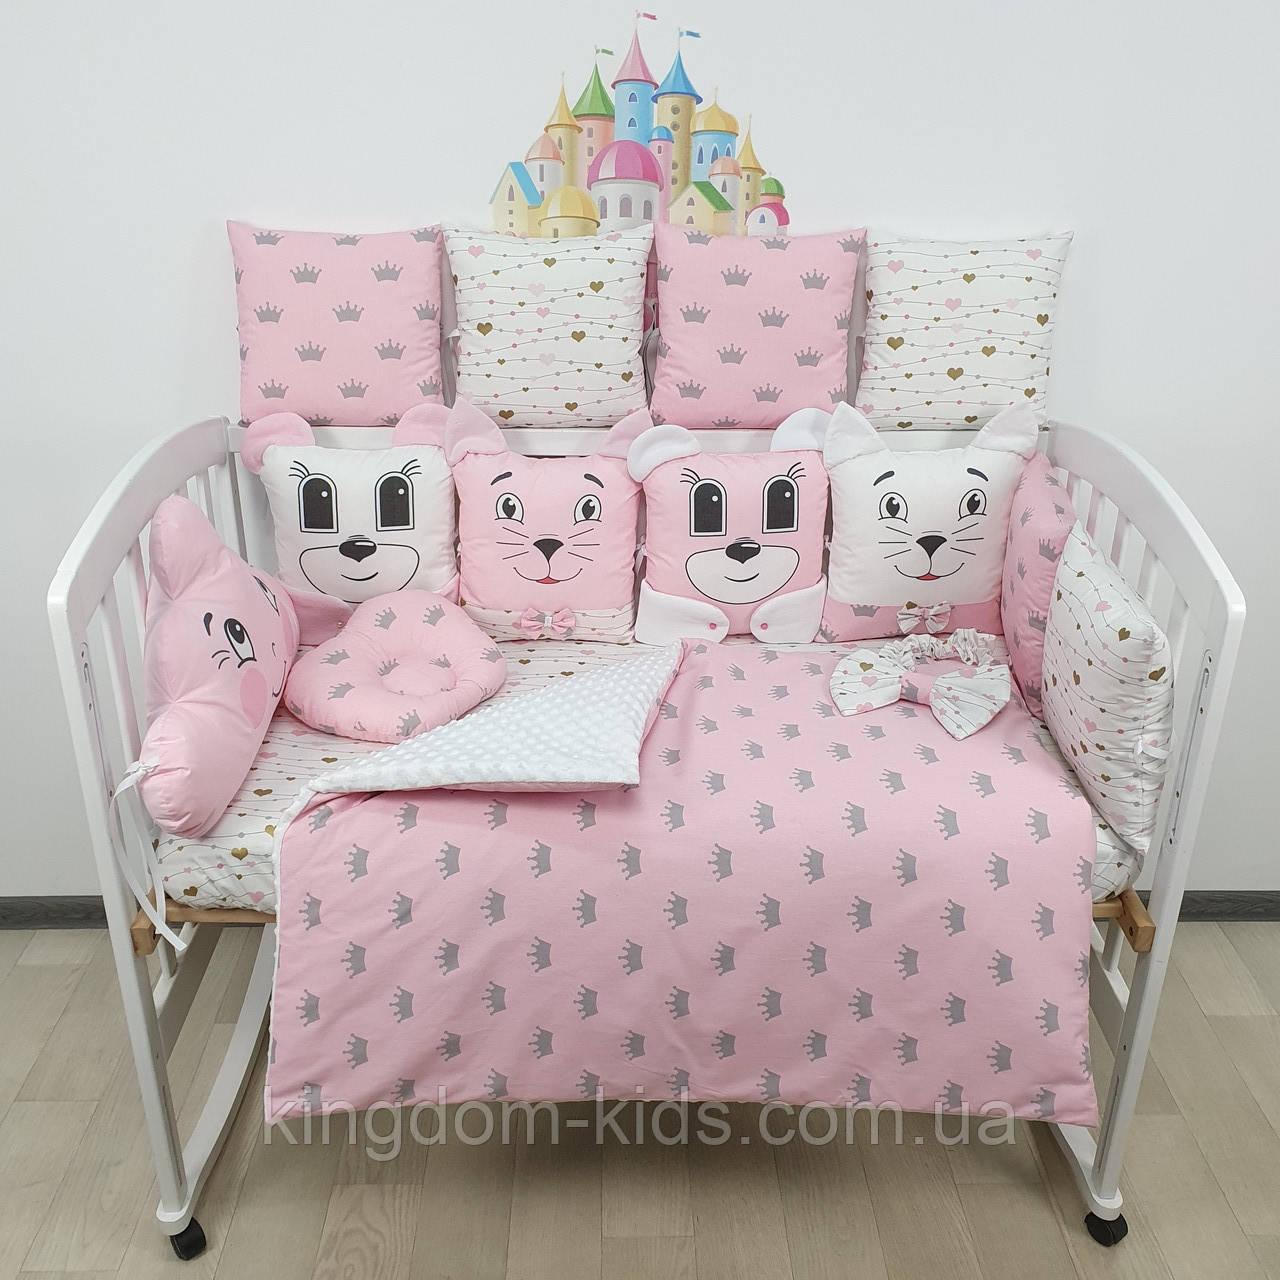 Комплект бортиков и постельного в кроватку с игрушками и облаком в розовых тонах с золотыми сердечками